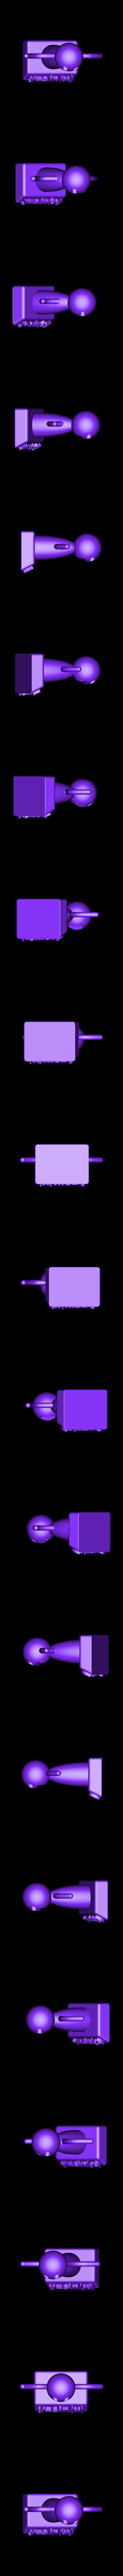 Function_Stickman_ysinx_full.stl Télécharger fichier STL gratuit Dancing Function Stickmen • Plan pour impression 3D, Chrisibub